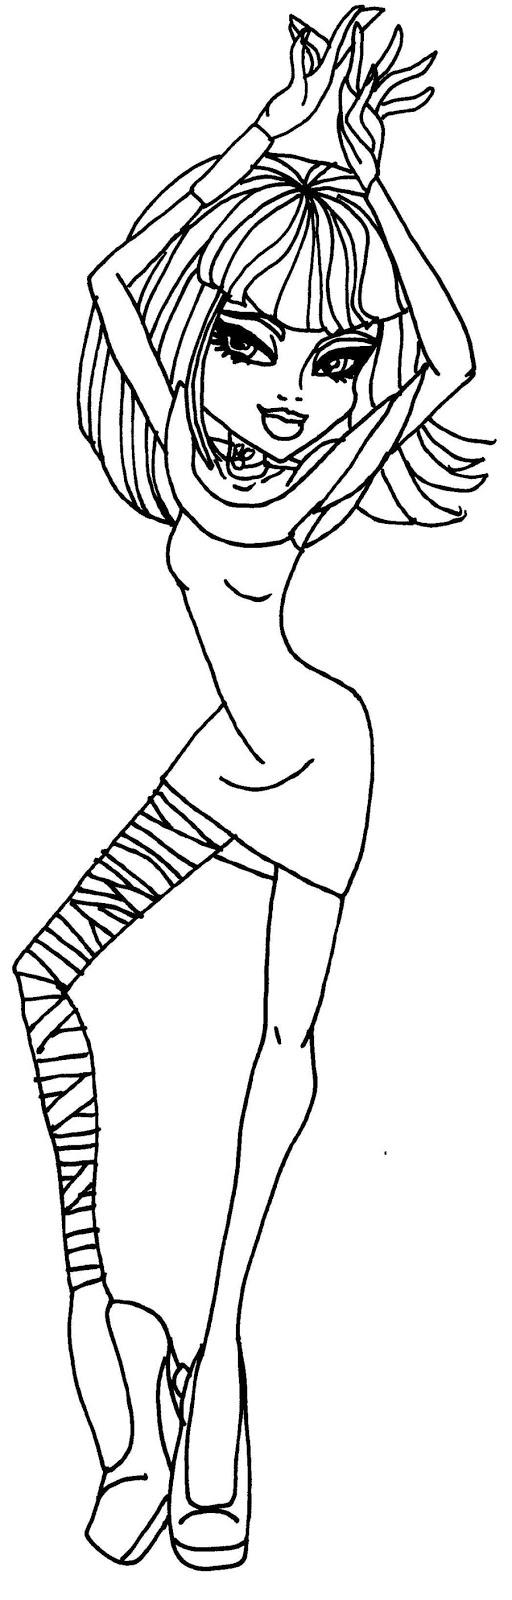 Monster High dibujos para imprimir y colorear: Dibujos Monster High Cleo del nilo 04